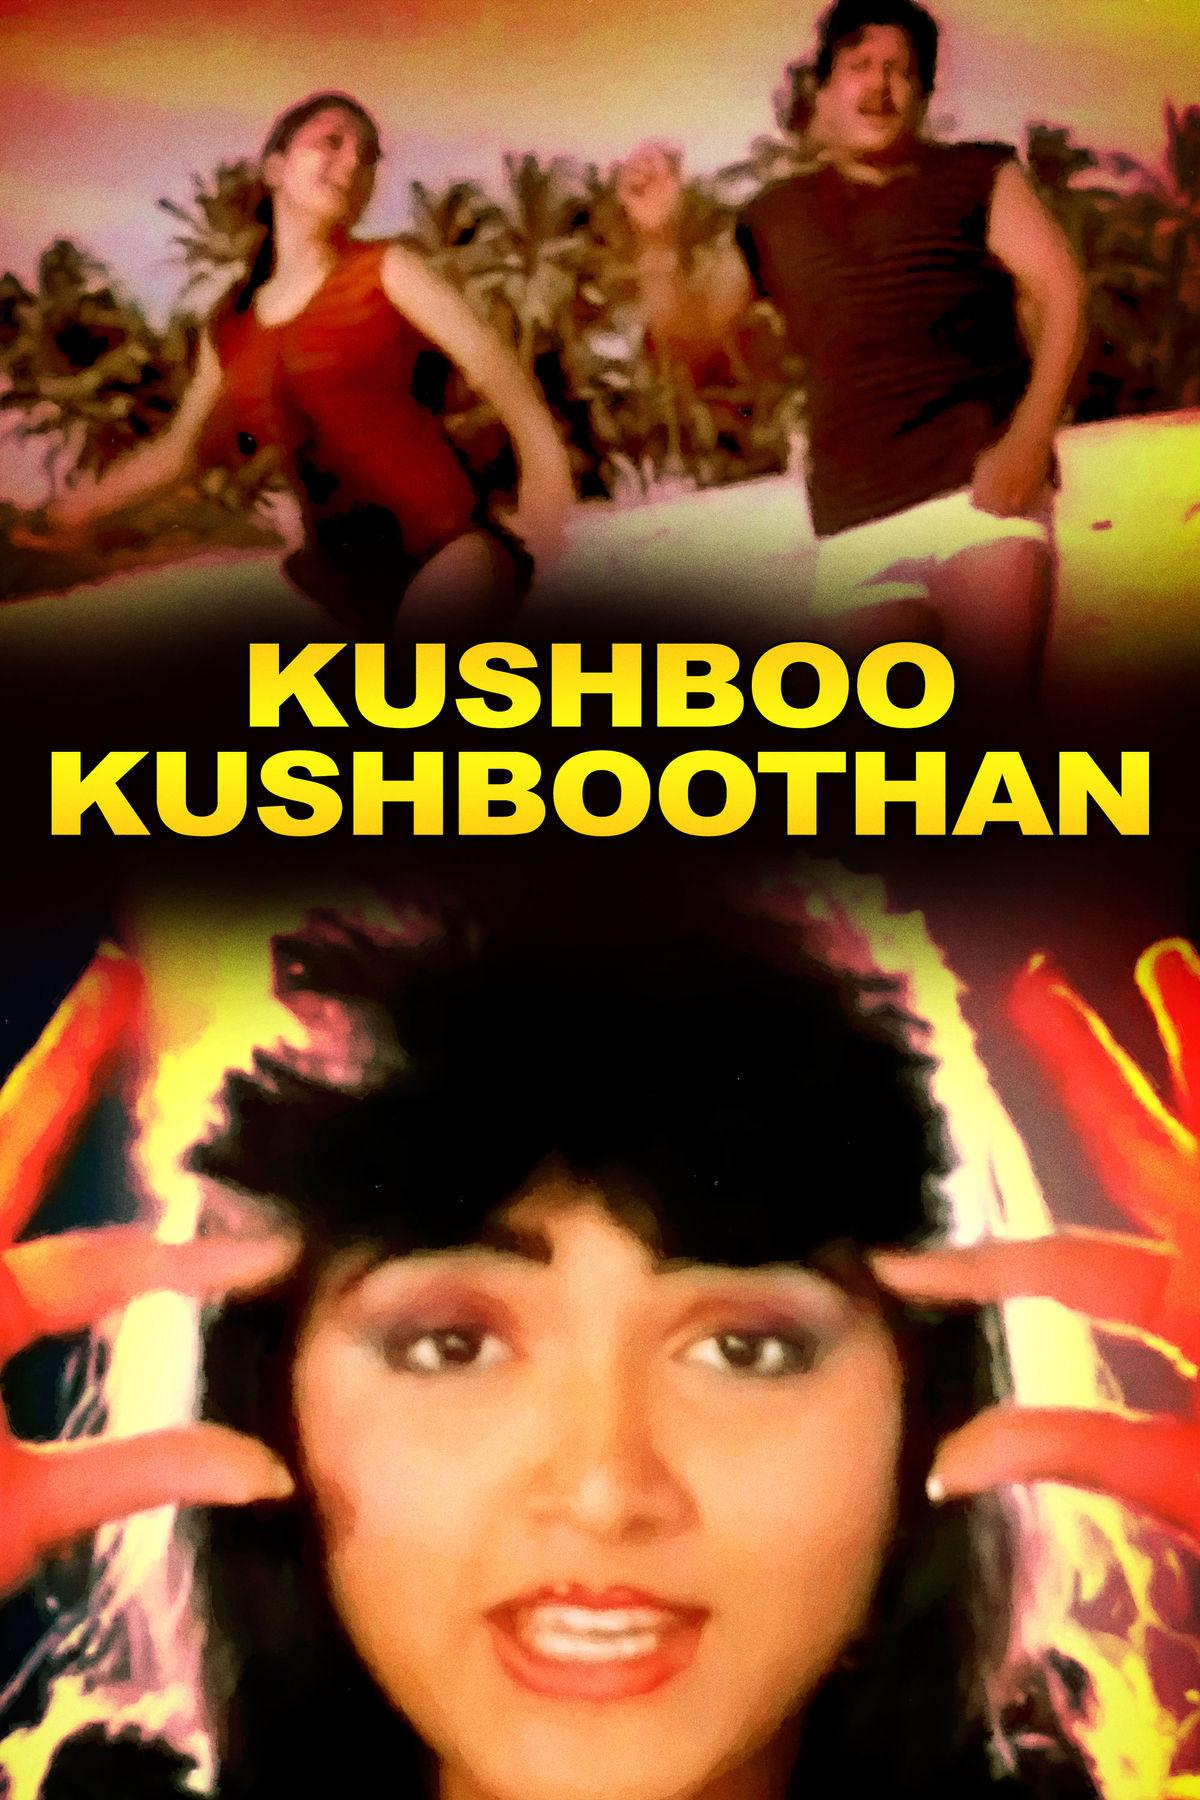 Kushboo Kushboothan